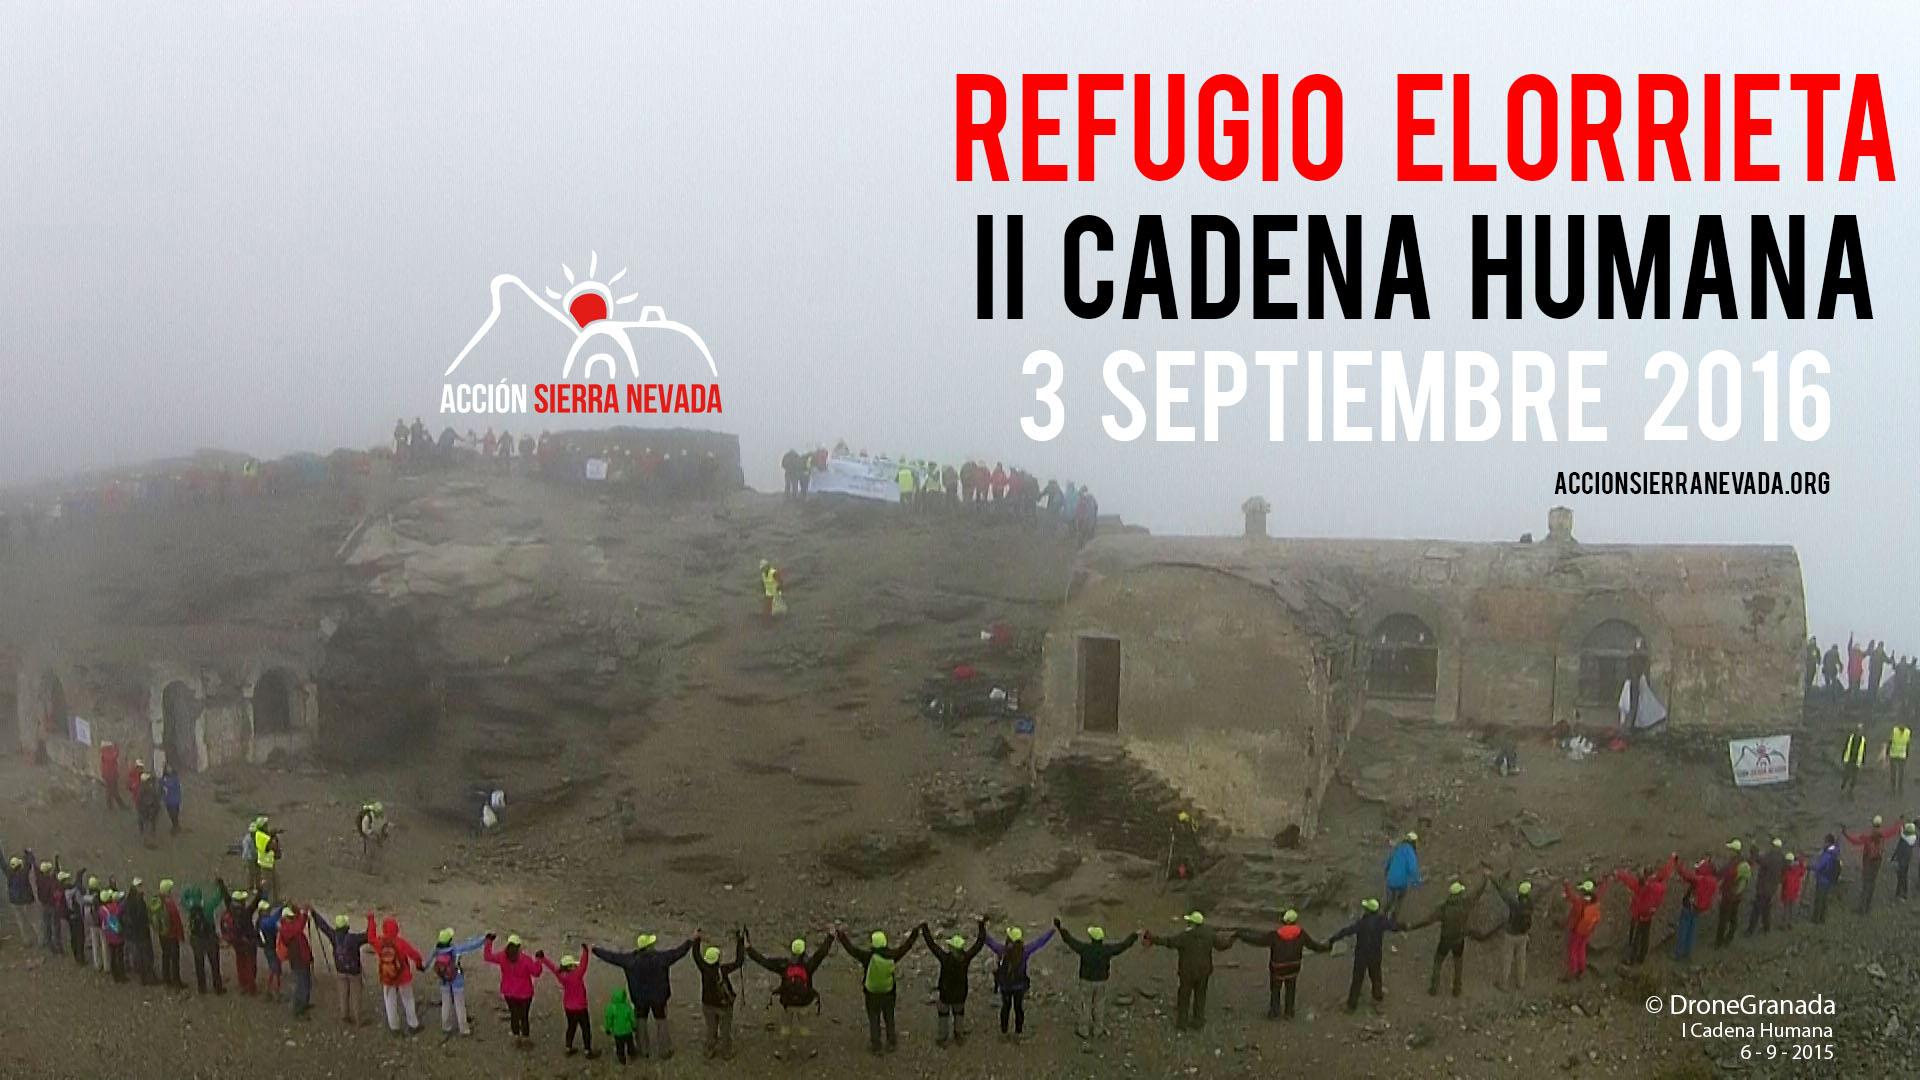 II Cadena Humana al Refugio Elorrieta – 3 de septiembre